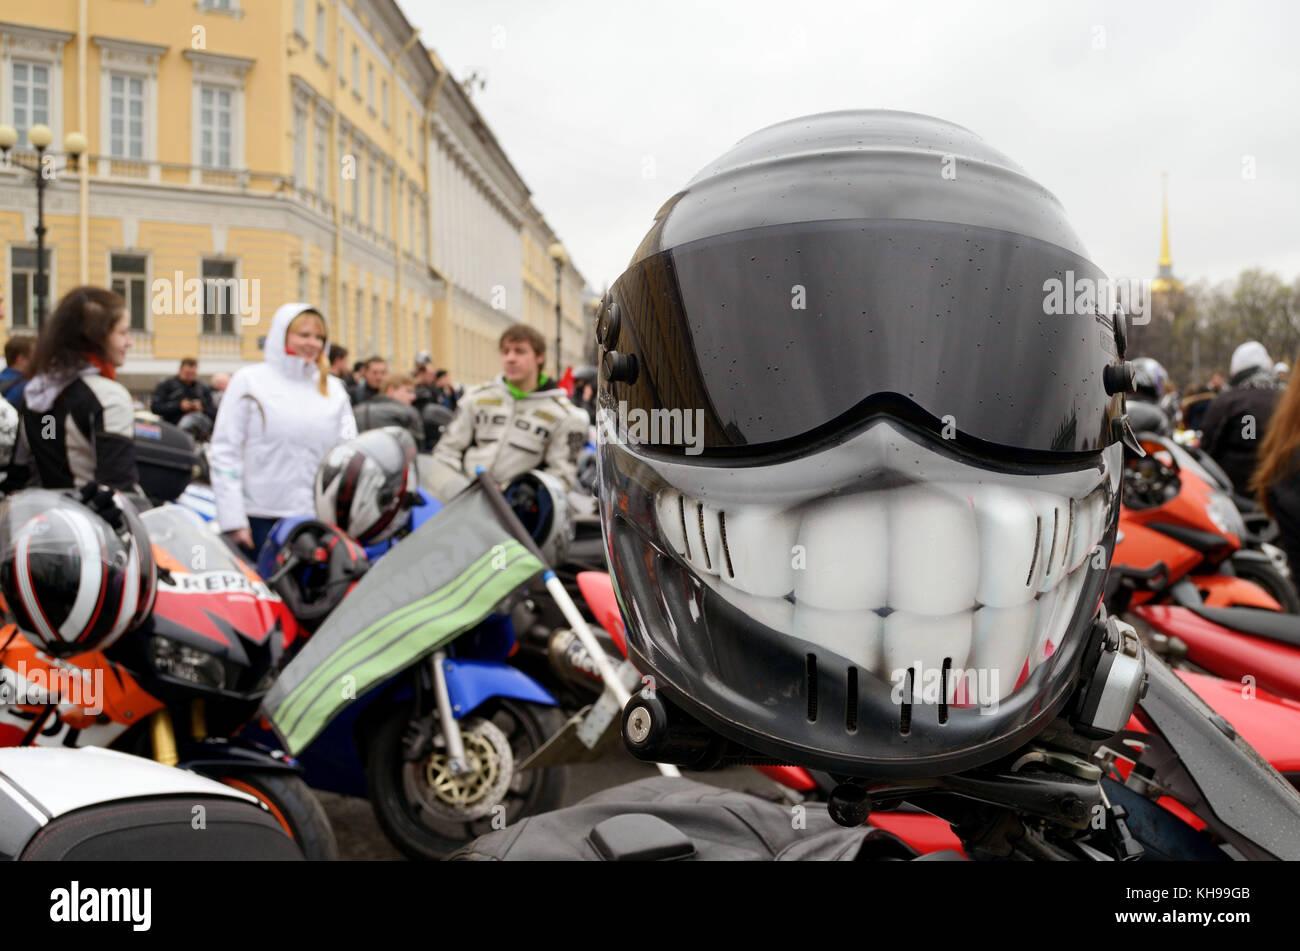 Fotografie war während des Festivals der Biker in st. Petersburg. Stockbild